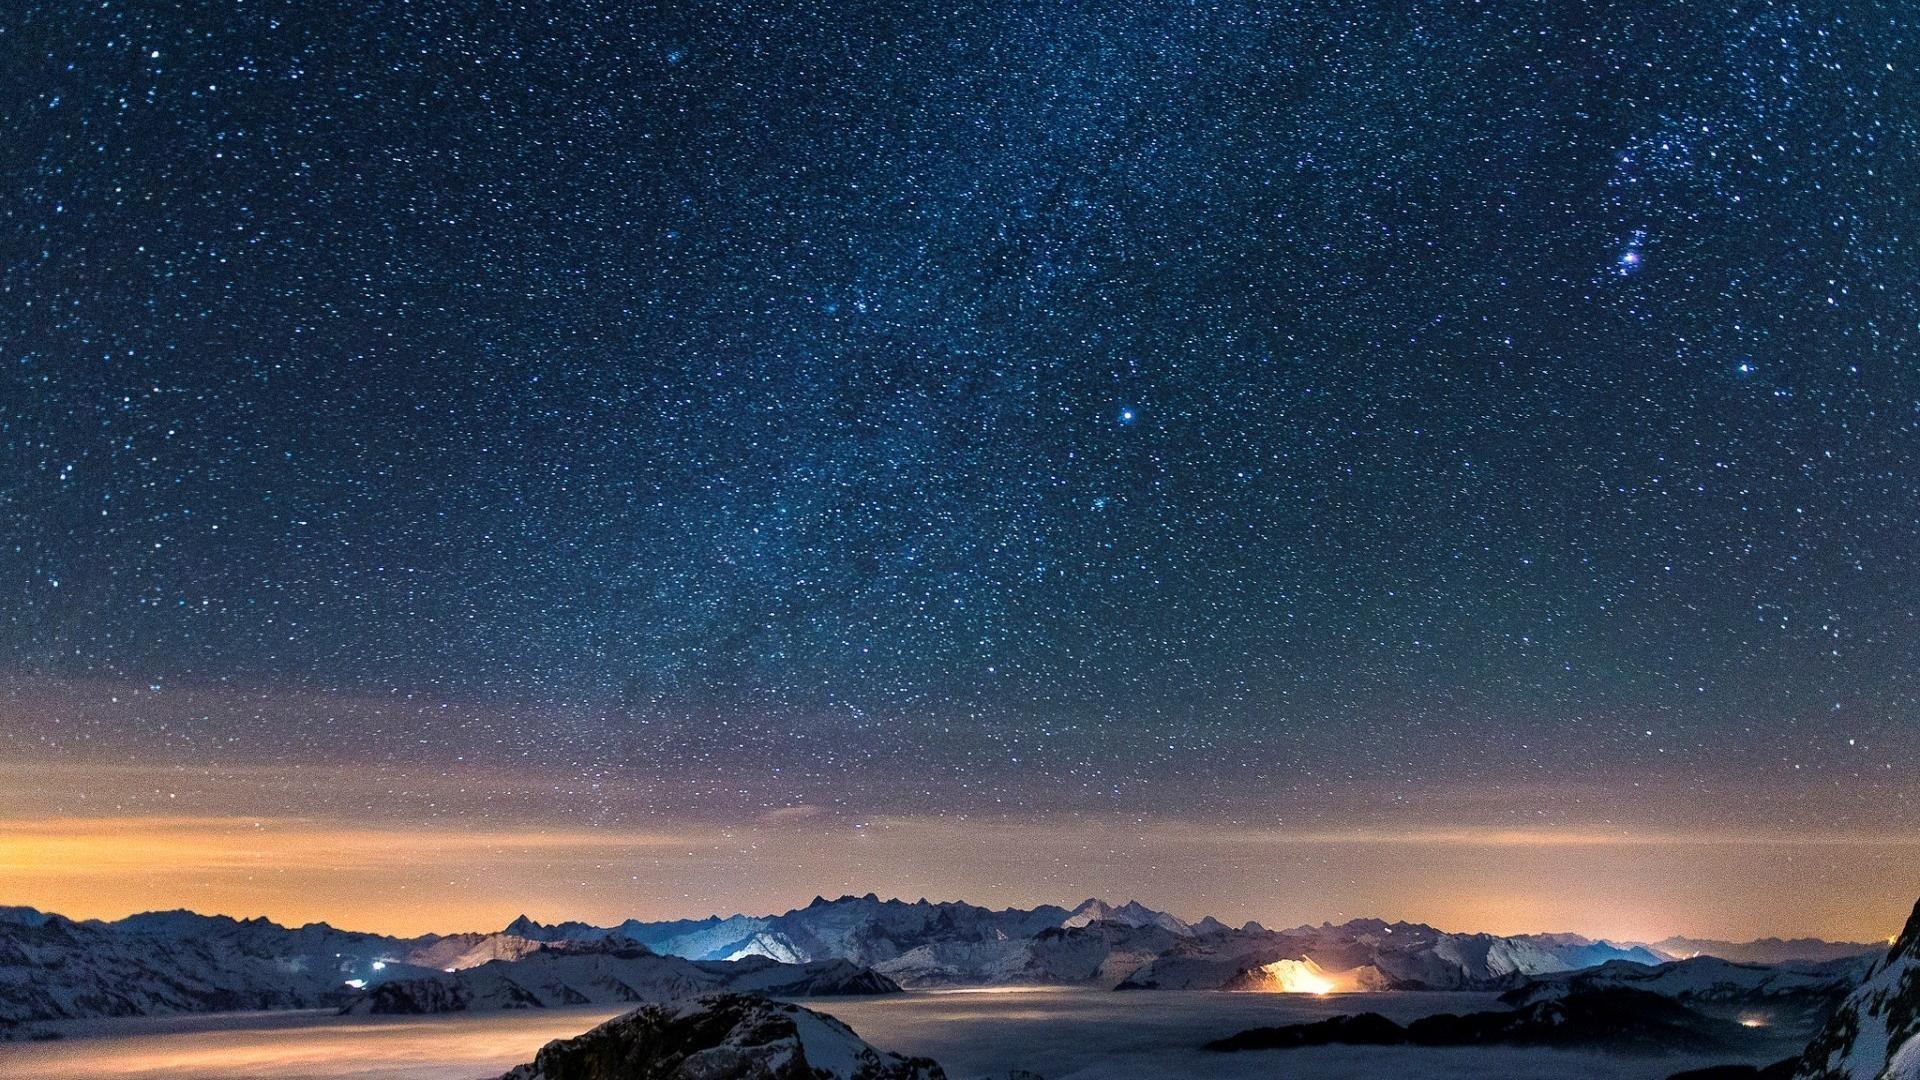 1920x1080 Snow stars wall night sky wallpaper | (59391)